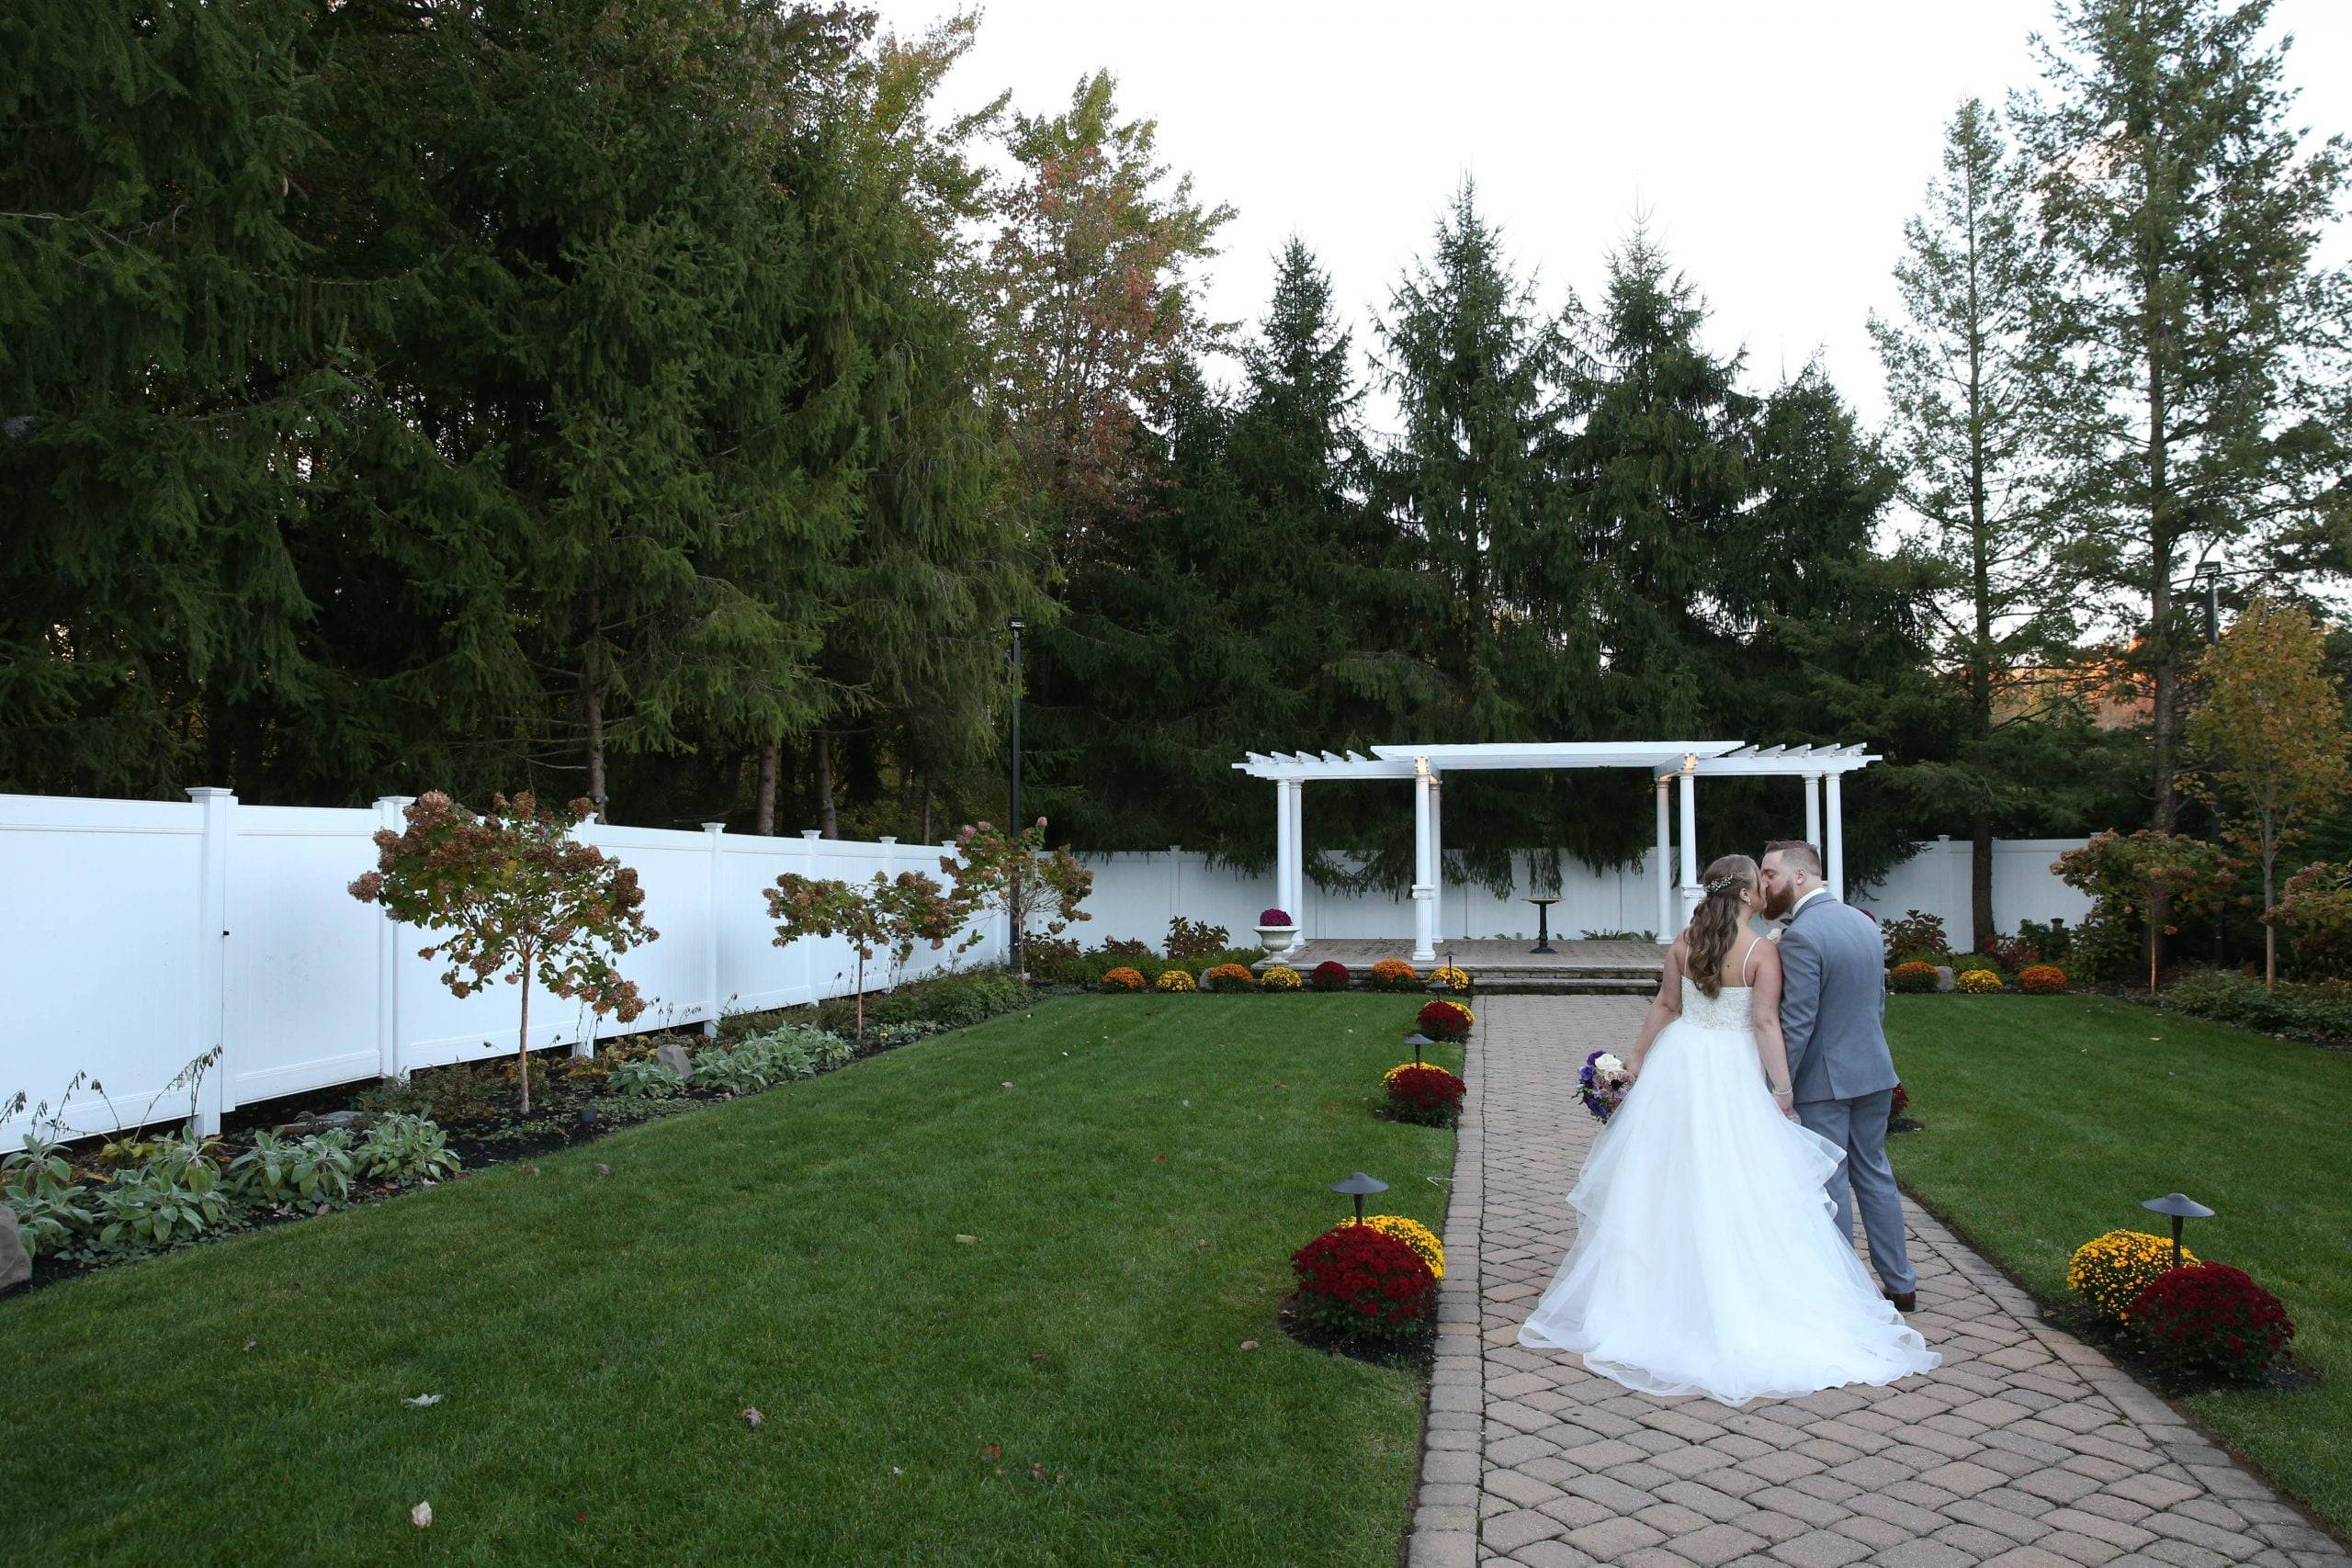 Primavera Regency bride and groom in the garden